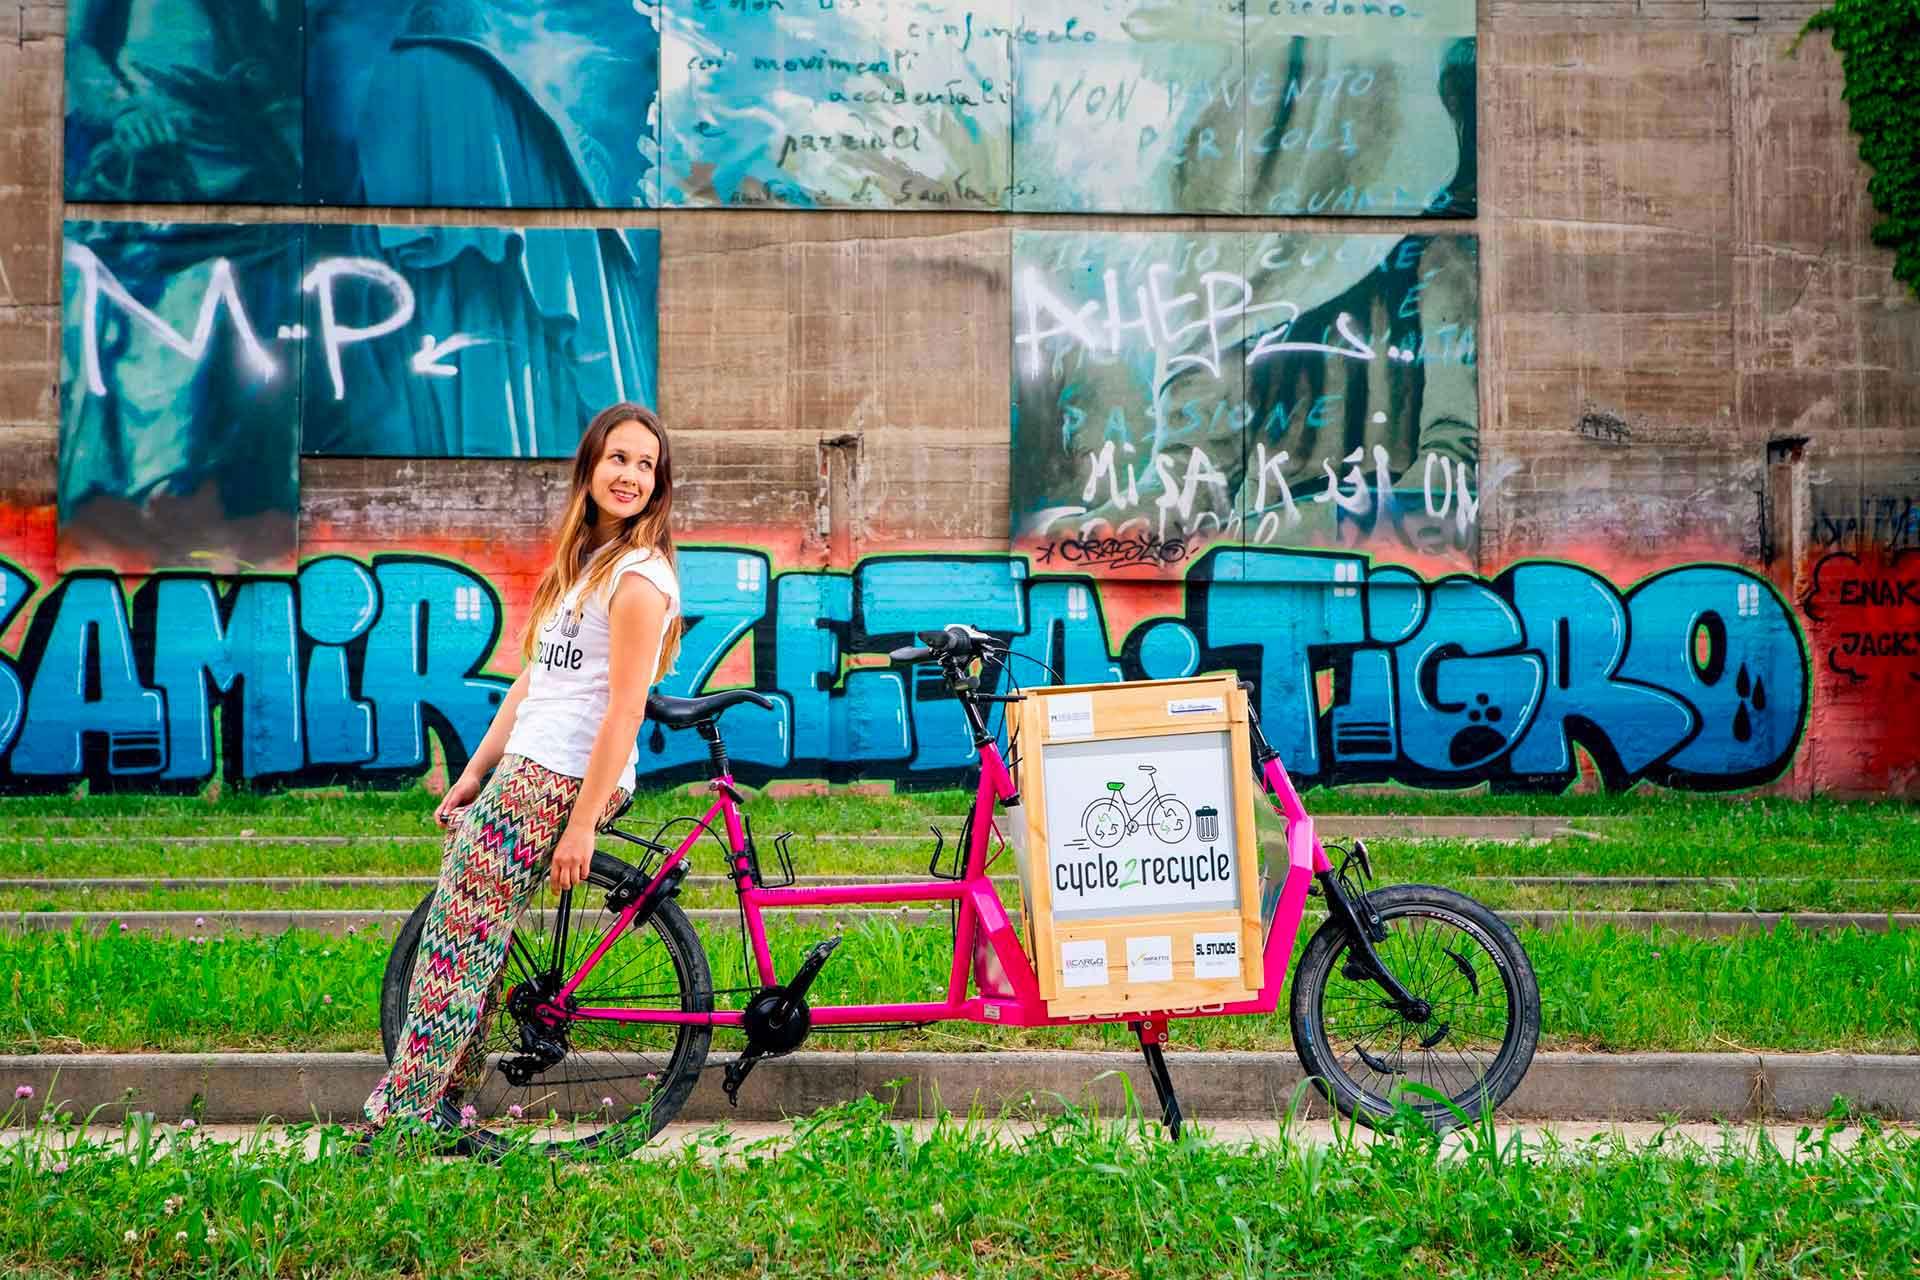 Italia In Bicicletta: L'incredibile Avventura Su Due Ruote Di Myra